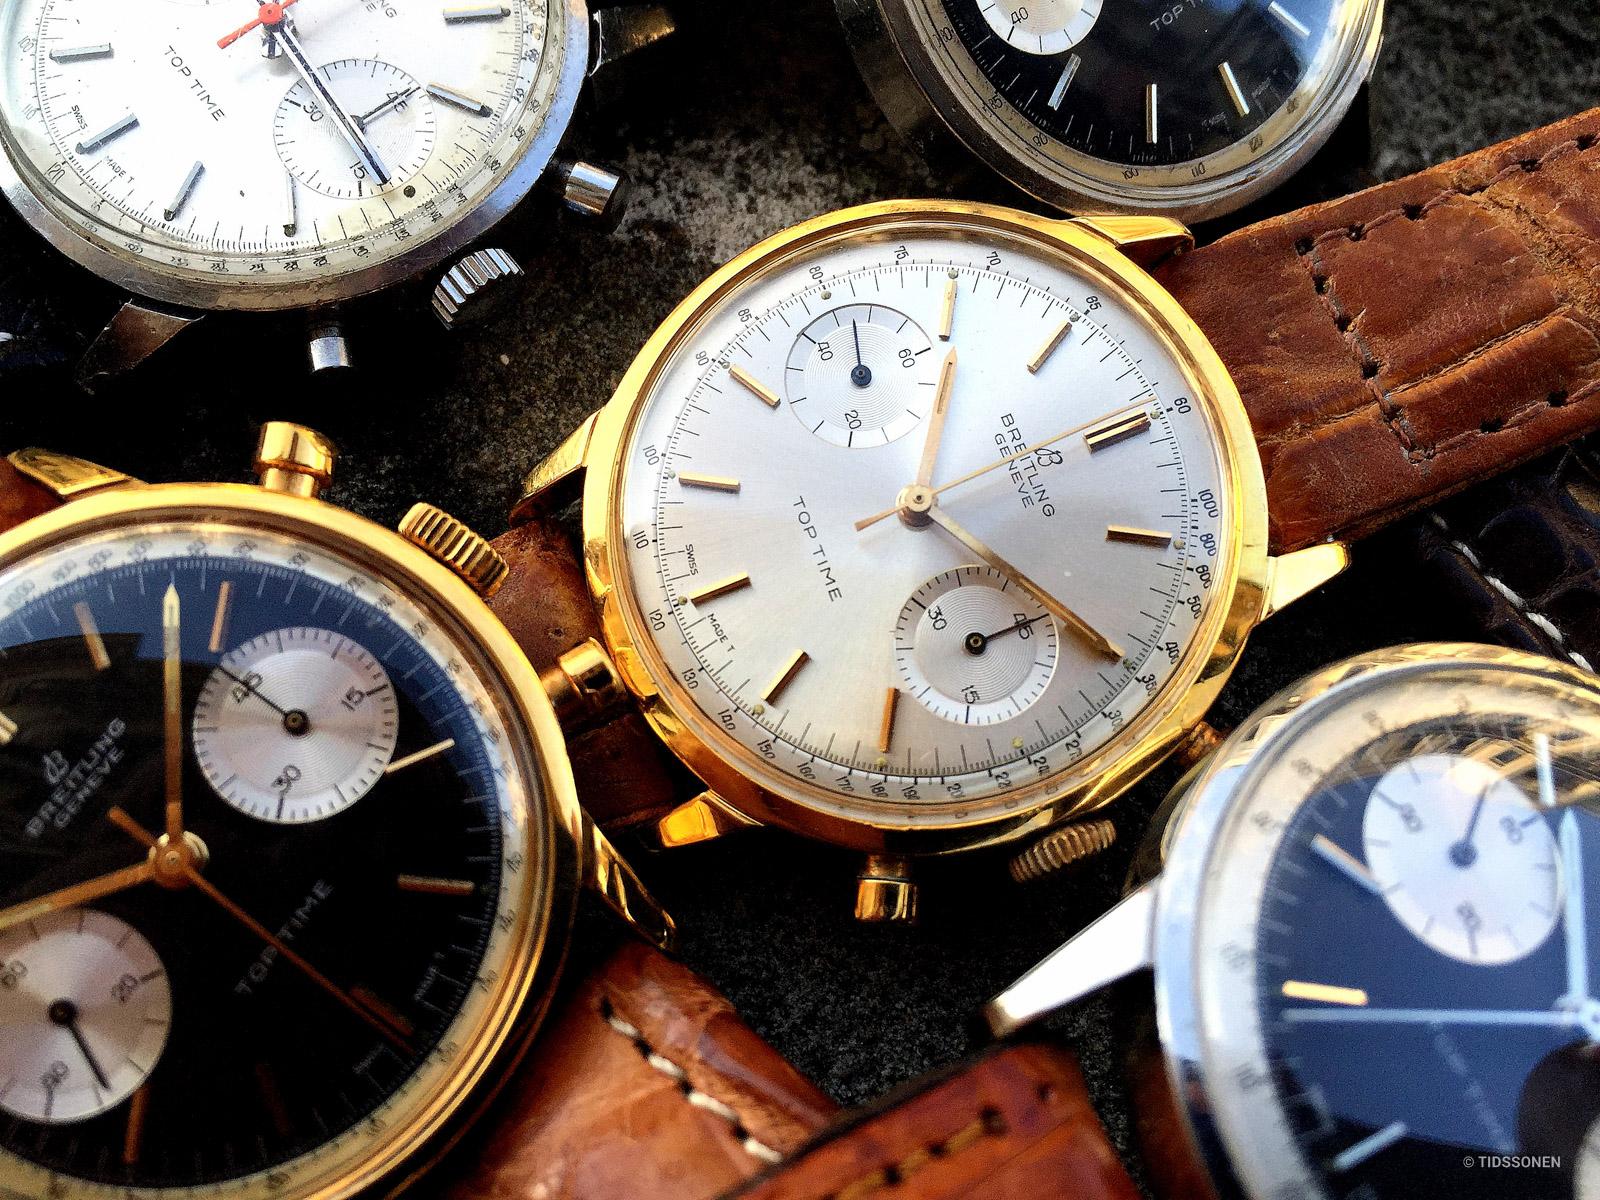 Top Time modellene kom også med kasser i gull-på-stål (2003) og 18 karat gull (2004). Bilde: Watchfred (Breitlingsource).